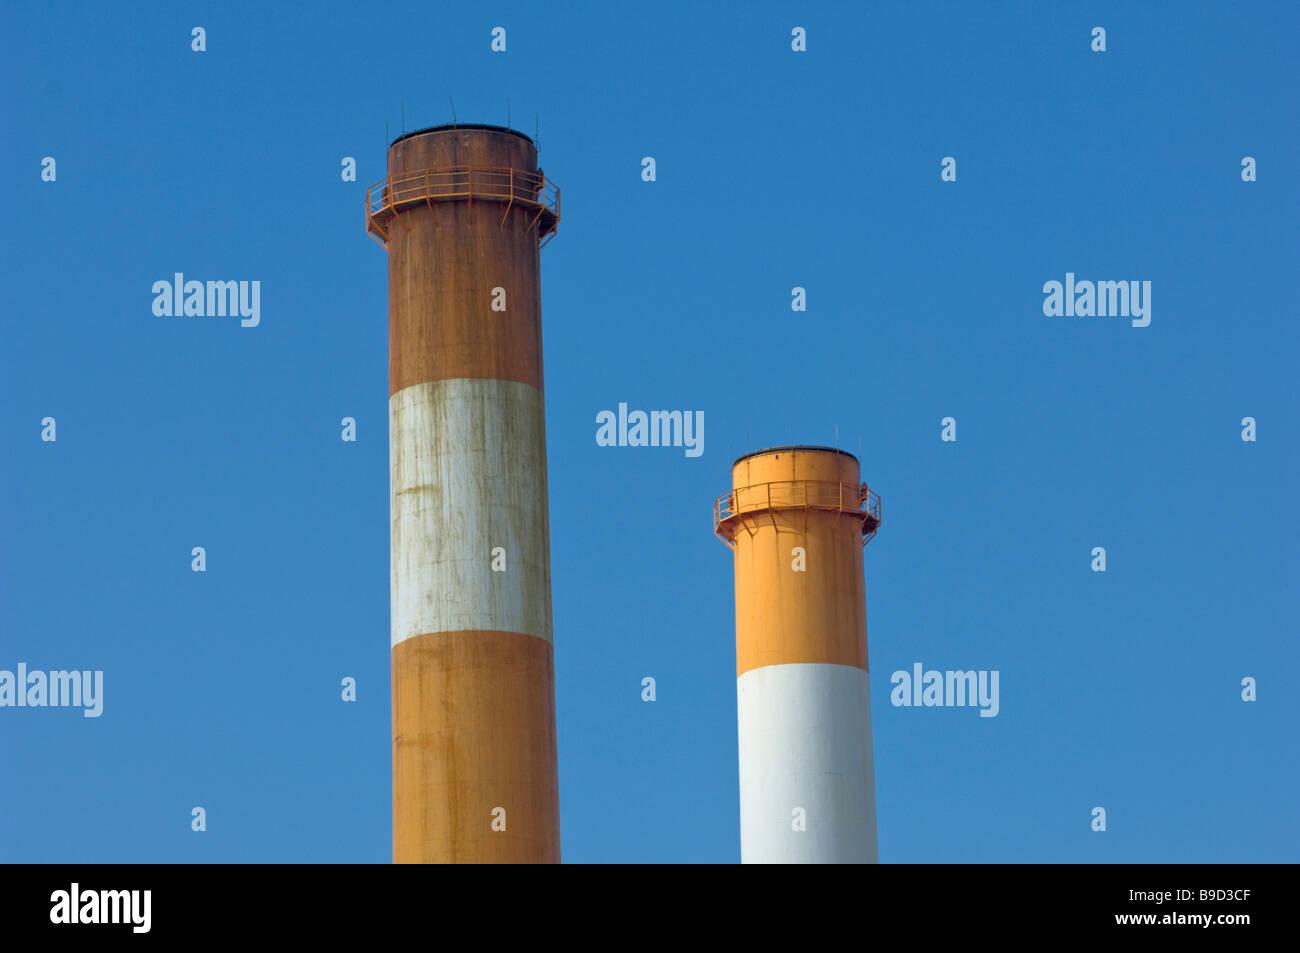 Fumaiolo di qualità dell'aria inquinamento pulito cielo sporco Immagini Stock